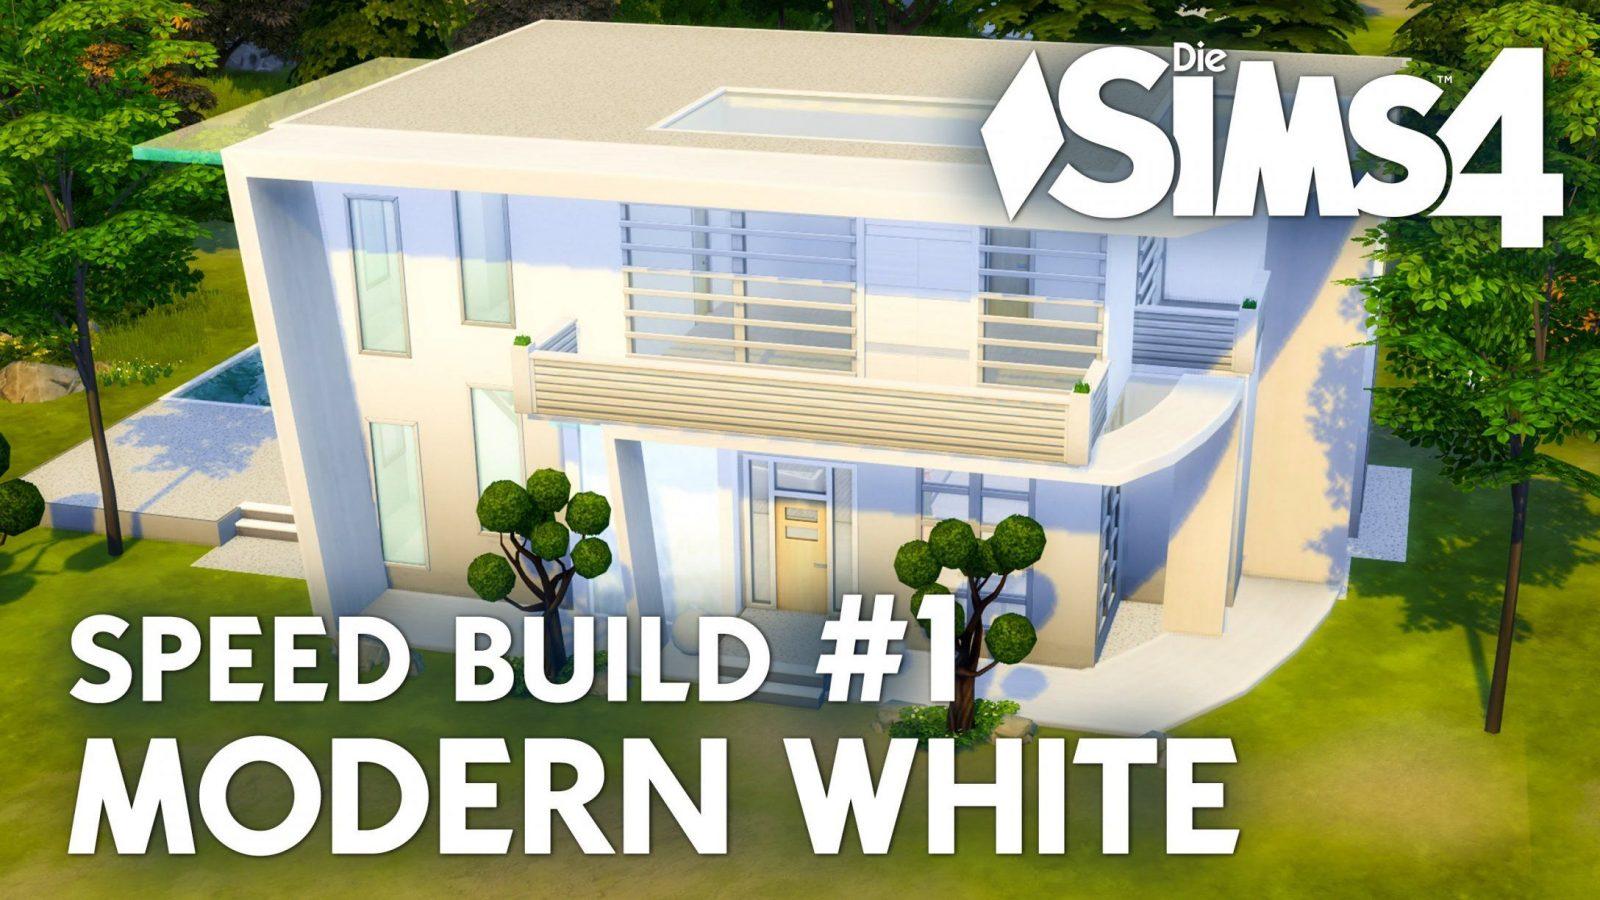 Haus Bauen  Die Sims 4 Modern White  Speed Build 1 Mit Grundriss von Sims 4 Häuser Zum Nachbauen Bild